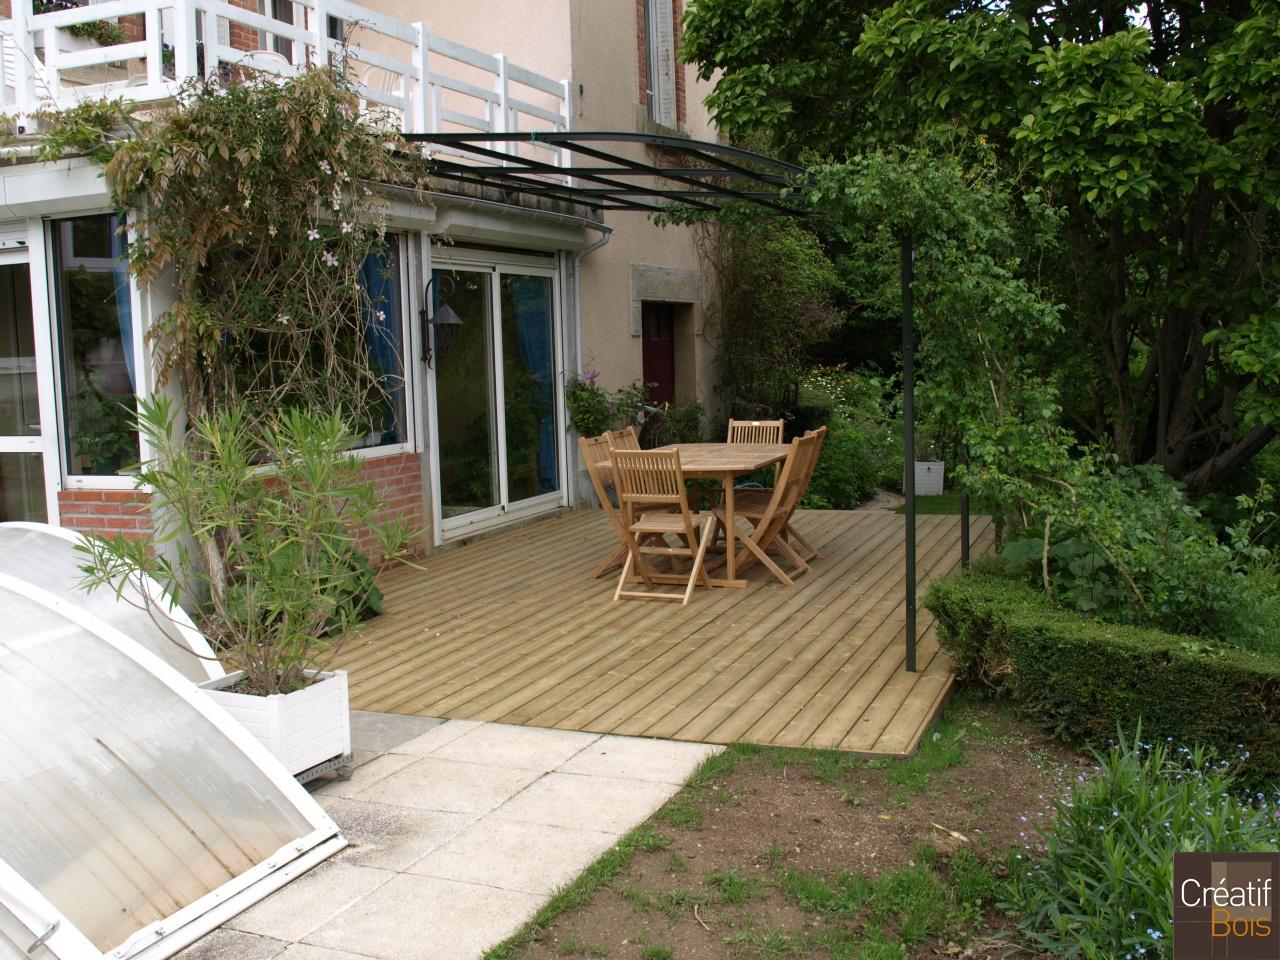 Terrasse bois saint yrieix sous aixe haute vienne 87 r alisations terrass - Geotextile sous terrasse bois ...